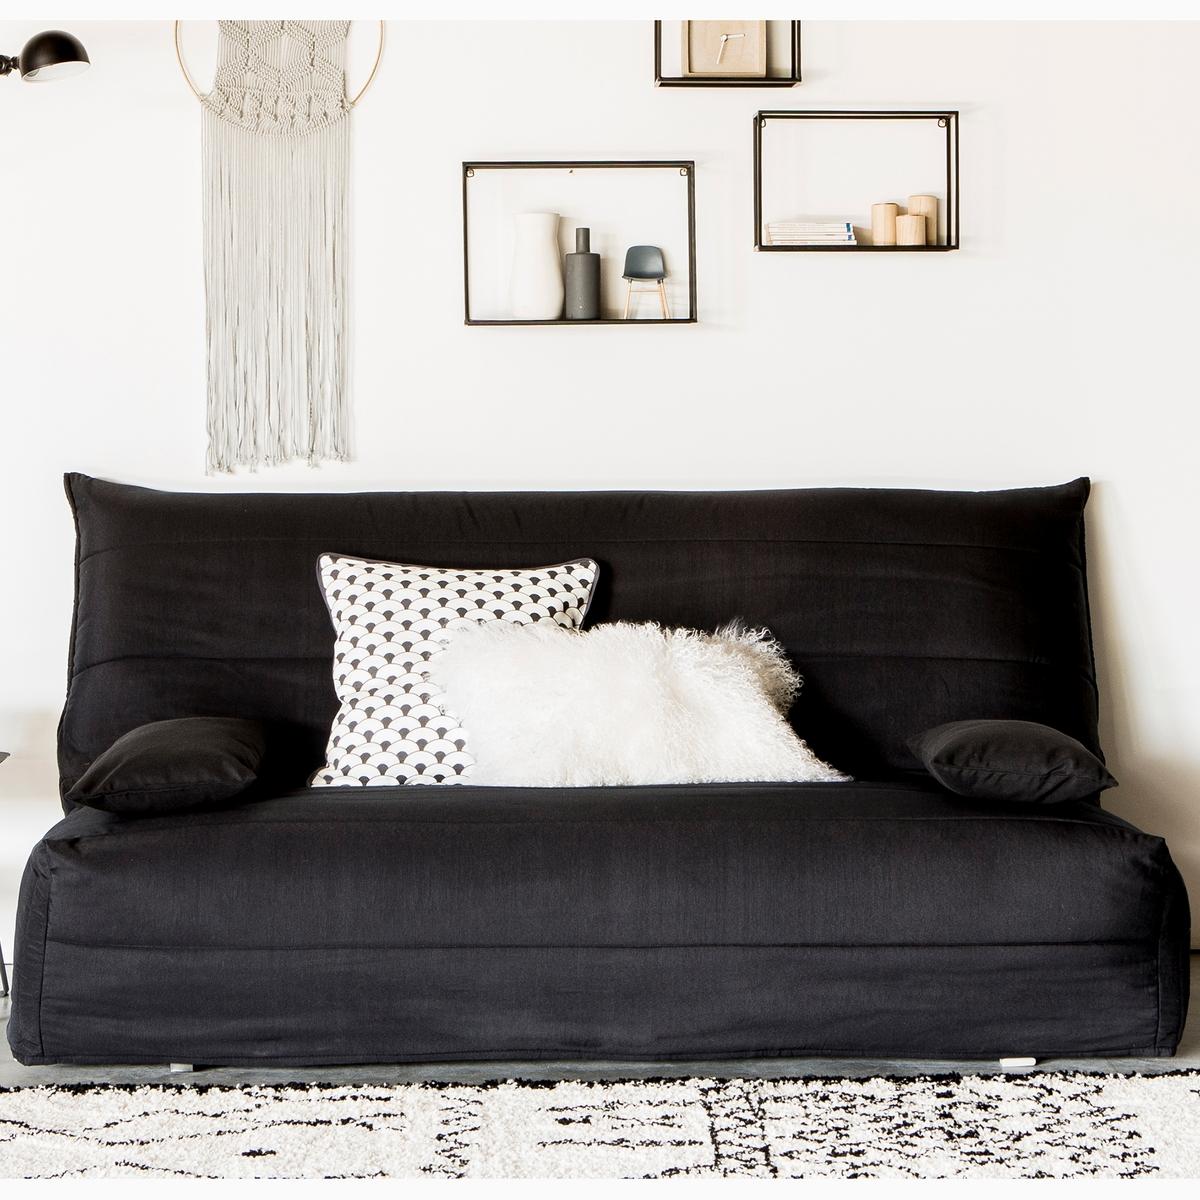 Чехол из полихлопка для диванаЧехол из полихлопка для дивана   . Чехол качества VALEUR SURE из ткани 70% хлопка, 30% полиэстера  . Наполнитель 100% полиэстера, 150 г/м? .Характеристики чехла для дивана  :- Хорошо облегает, покрывает целиком диван (частично спинку дивана)   Эластичные края. - Прострочка в виде линии  .- Стирка при 40°С.Размеры чехла для дивана  :- ширина 140 см, или 160 см  .<br><br>Цвет: гранатовый,серый жемчужный,сине-зеленый,темно-серый,черный,экрю<br>Размер: 160 cm.140 cm.140 cm